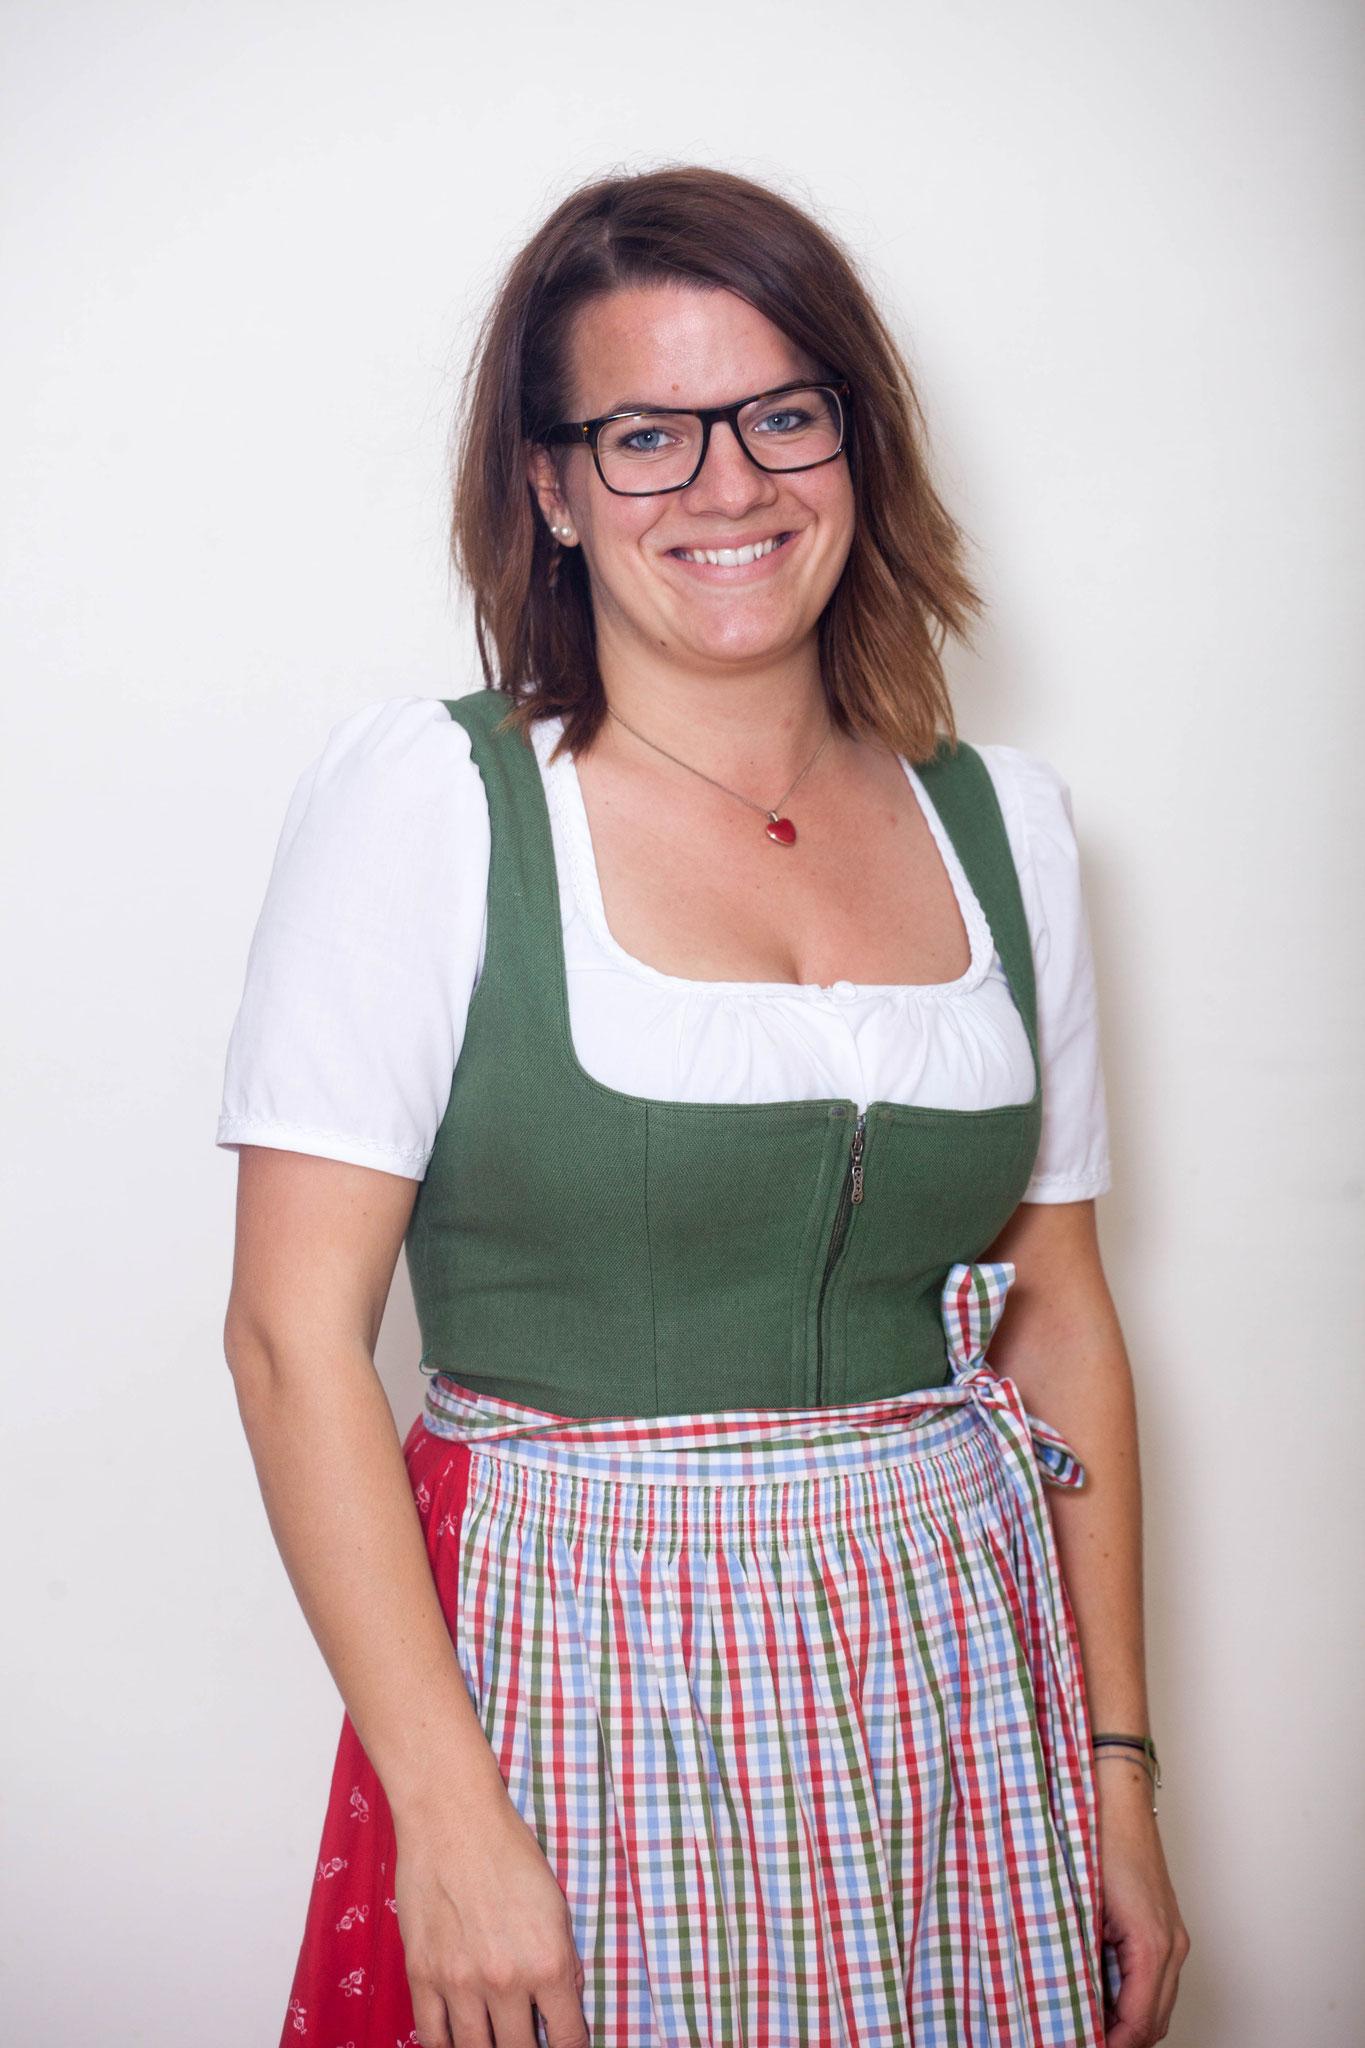 Kerstin Rigler, Mitglied seit 2009